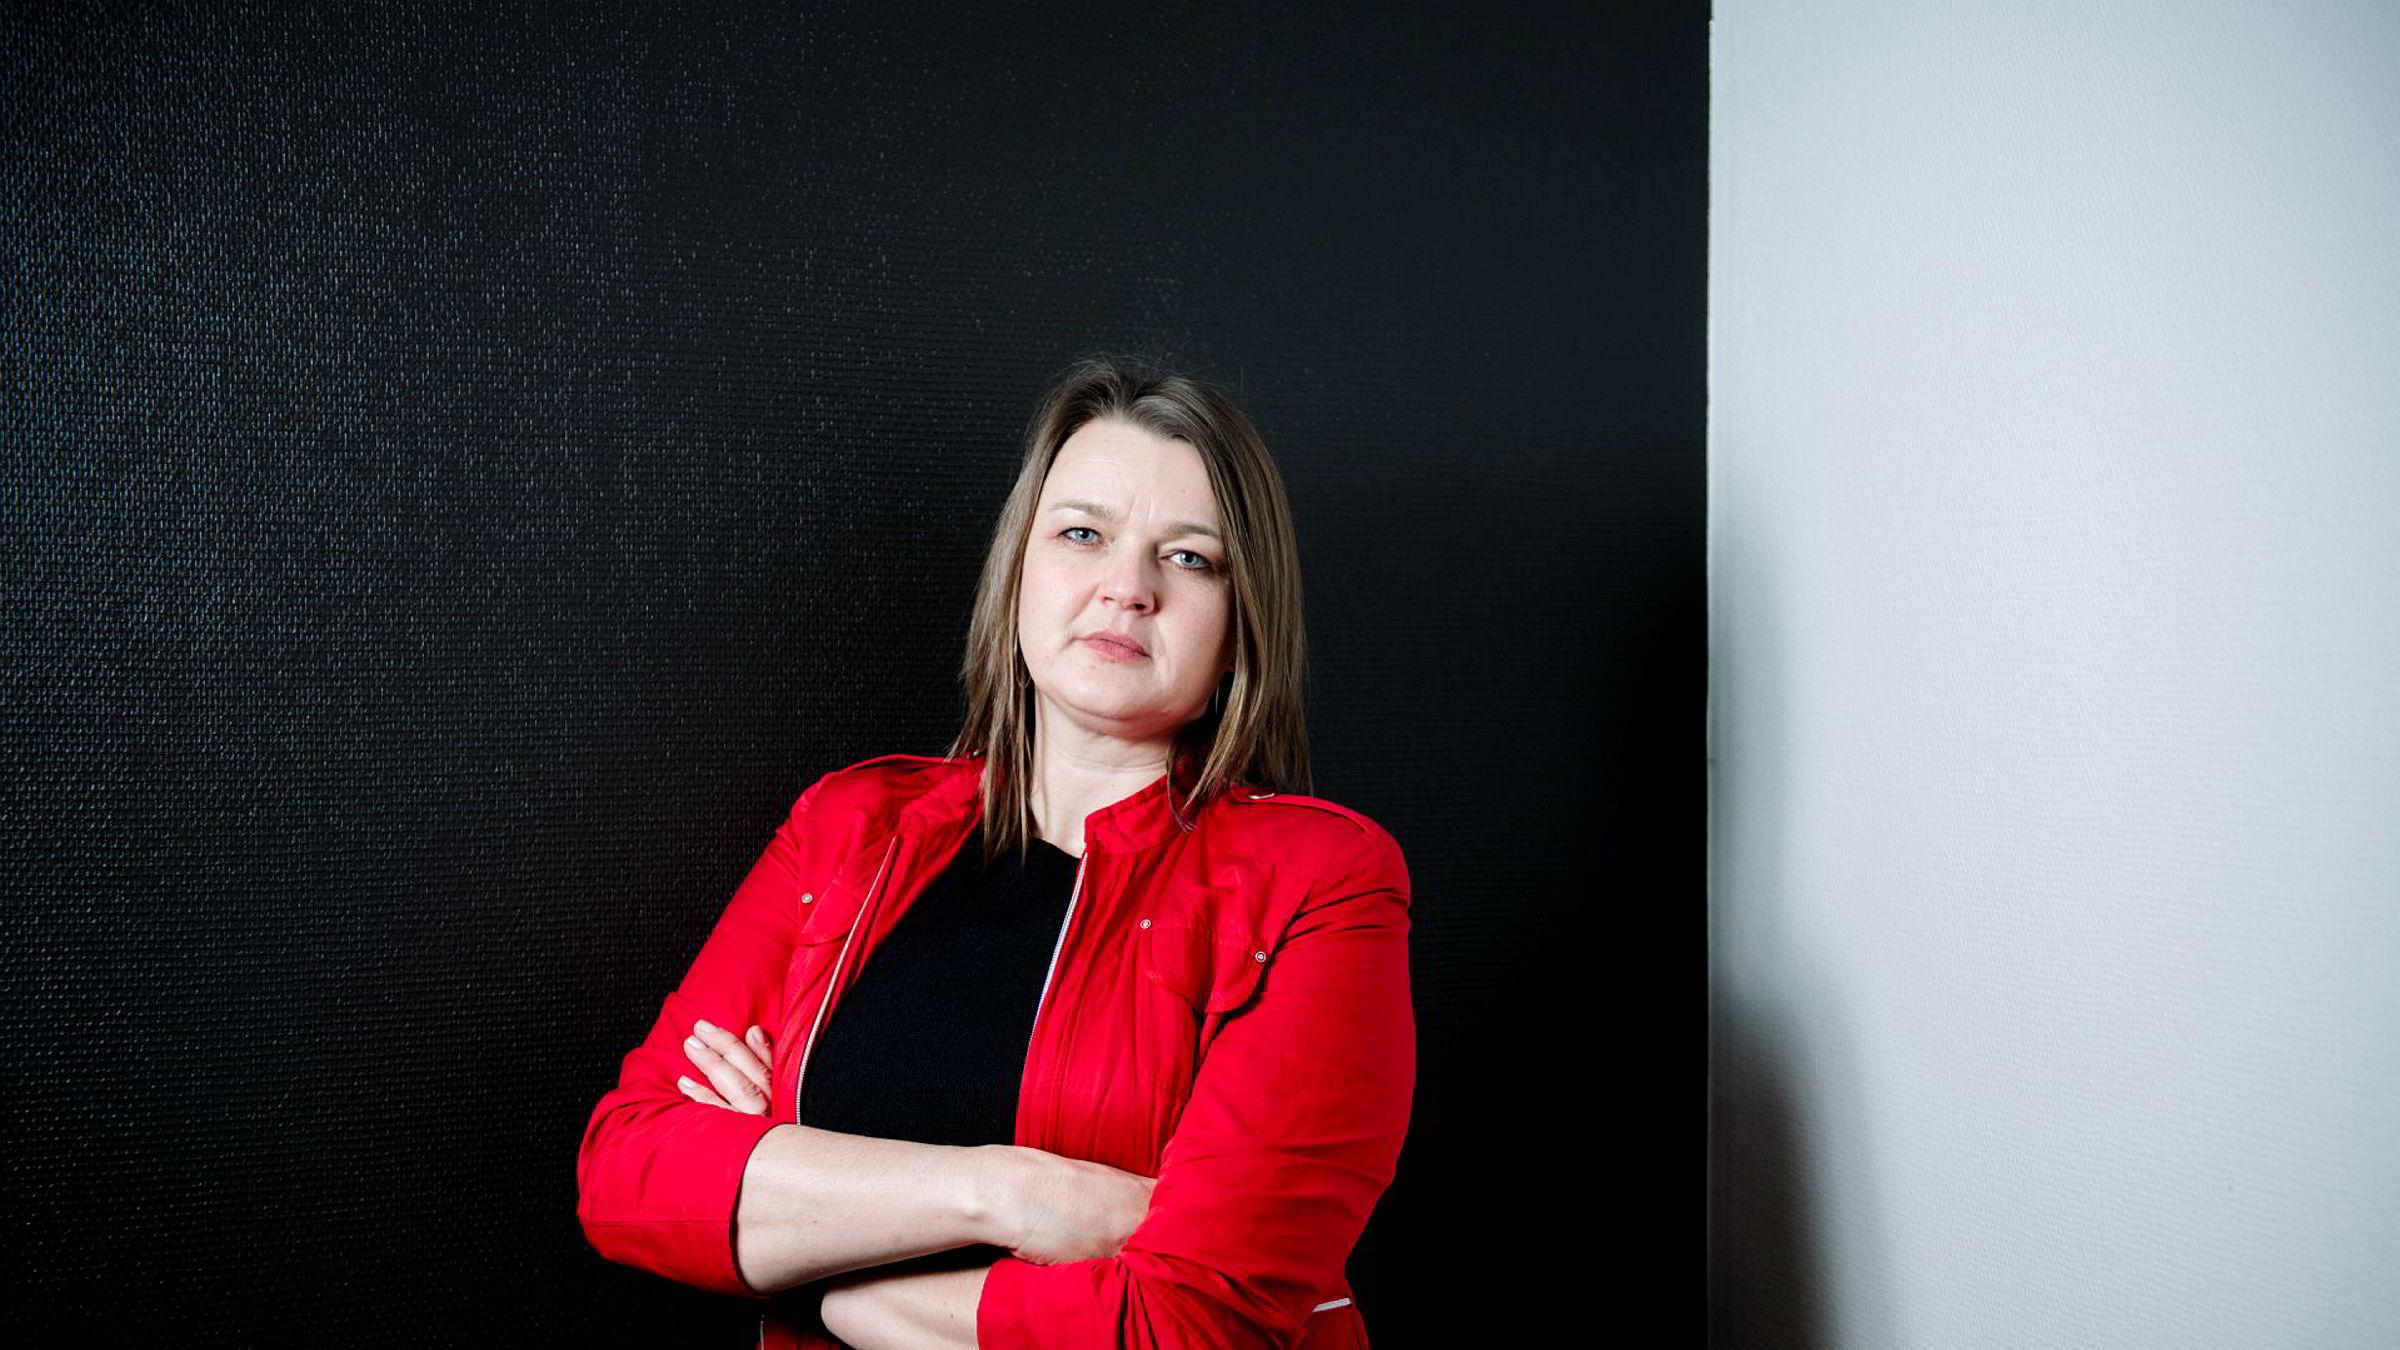 Hege Iren Frantzen, leder for Norsk Journalistlag. Norsk Journalistlag har undersøkt hvor mange journalister som opplever seksuell trakassering på jobb.